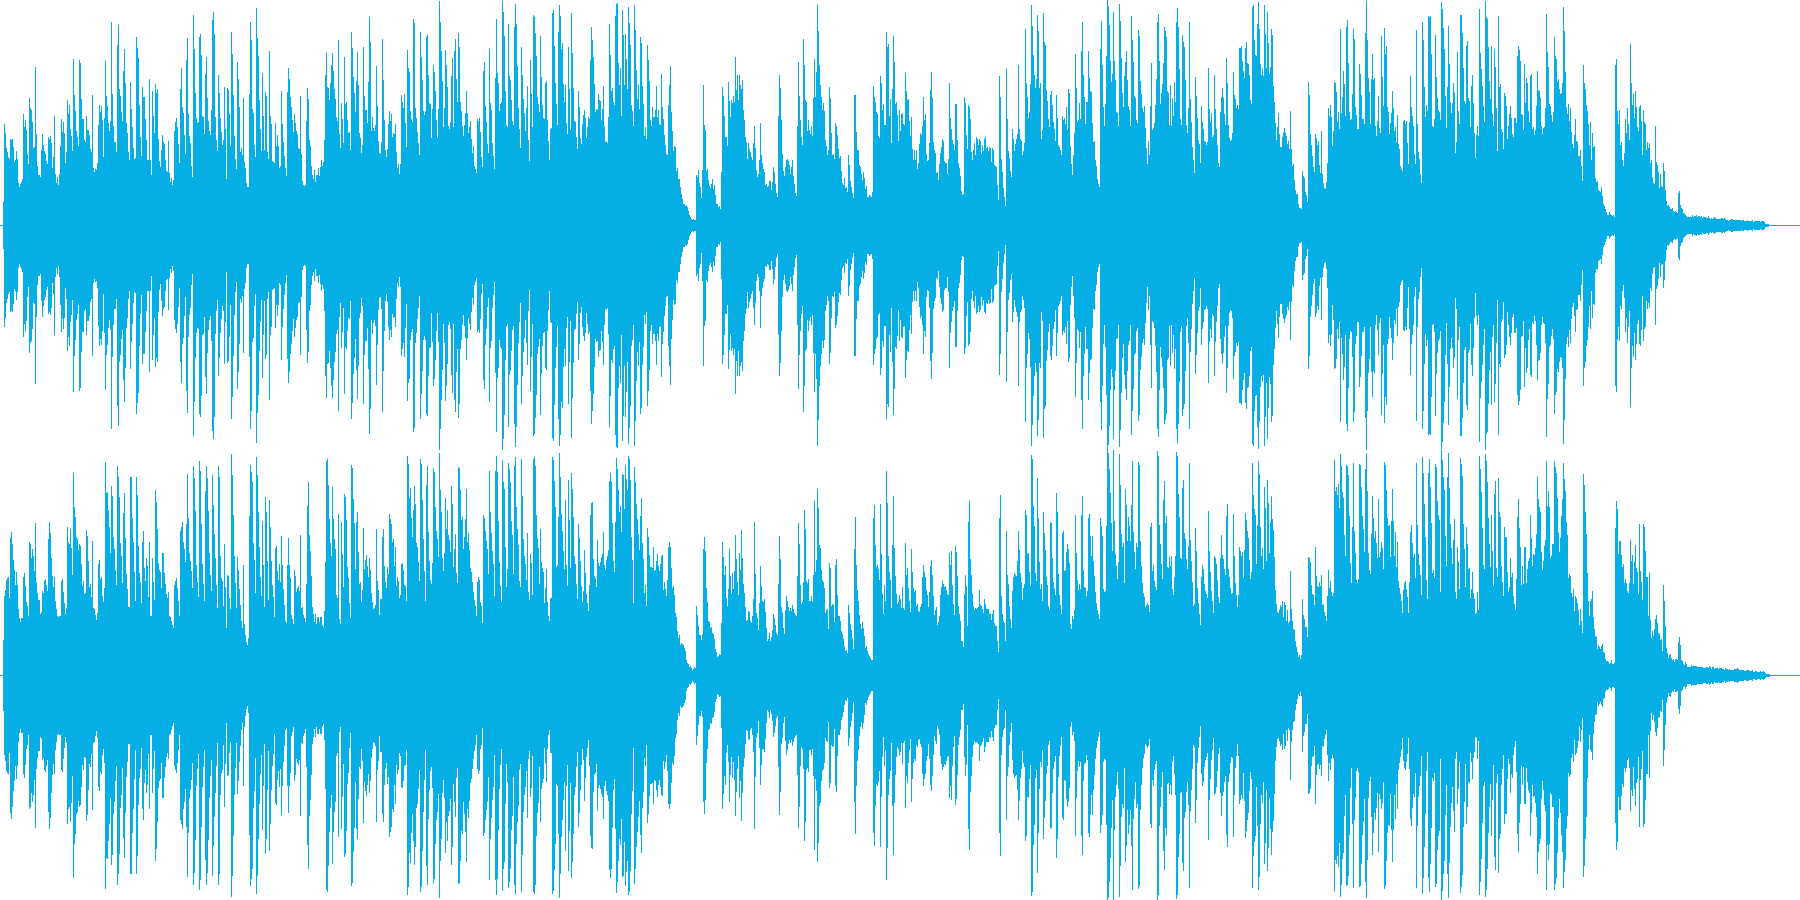 星空・夢の中のキラキラとかわいいワルツの再生済みの波形